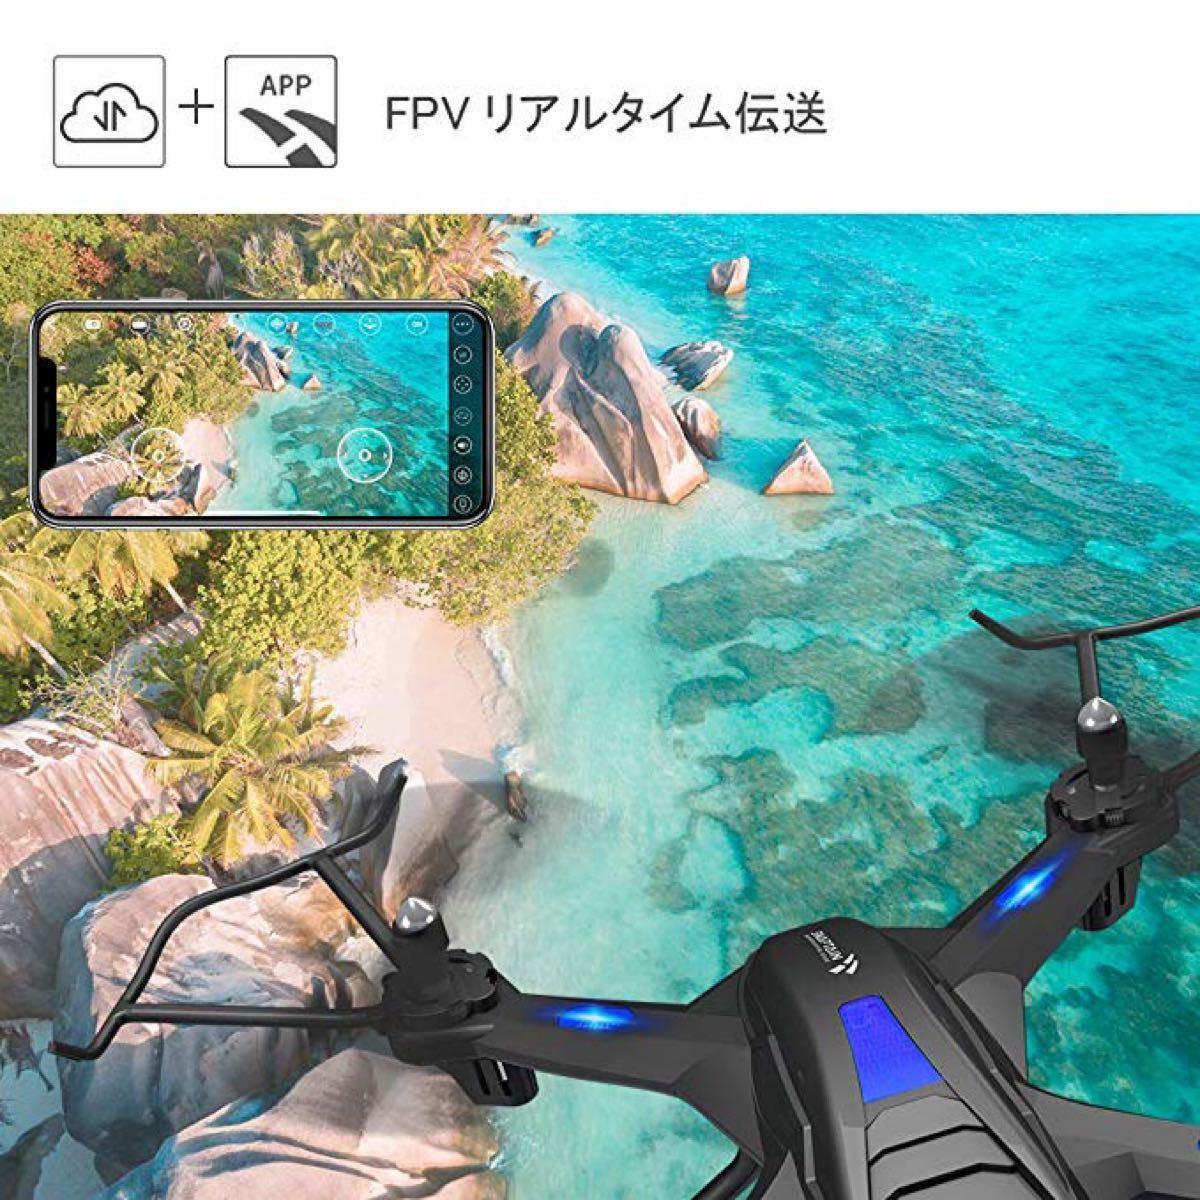 ドローン カメラ付き WIFI FPV リアルタイム 720P HDドローン